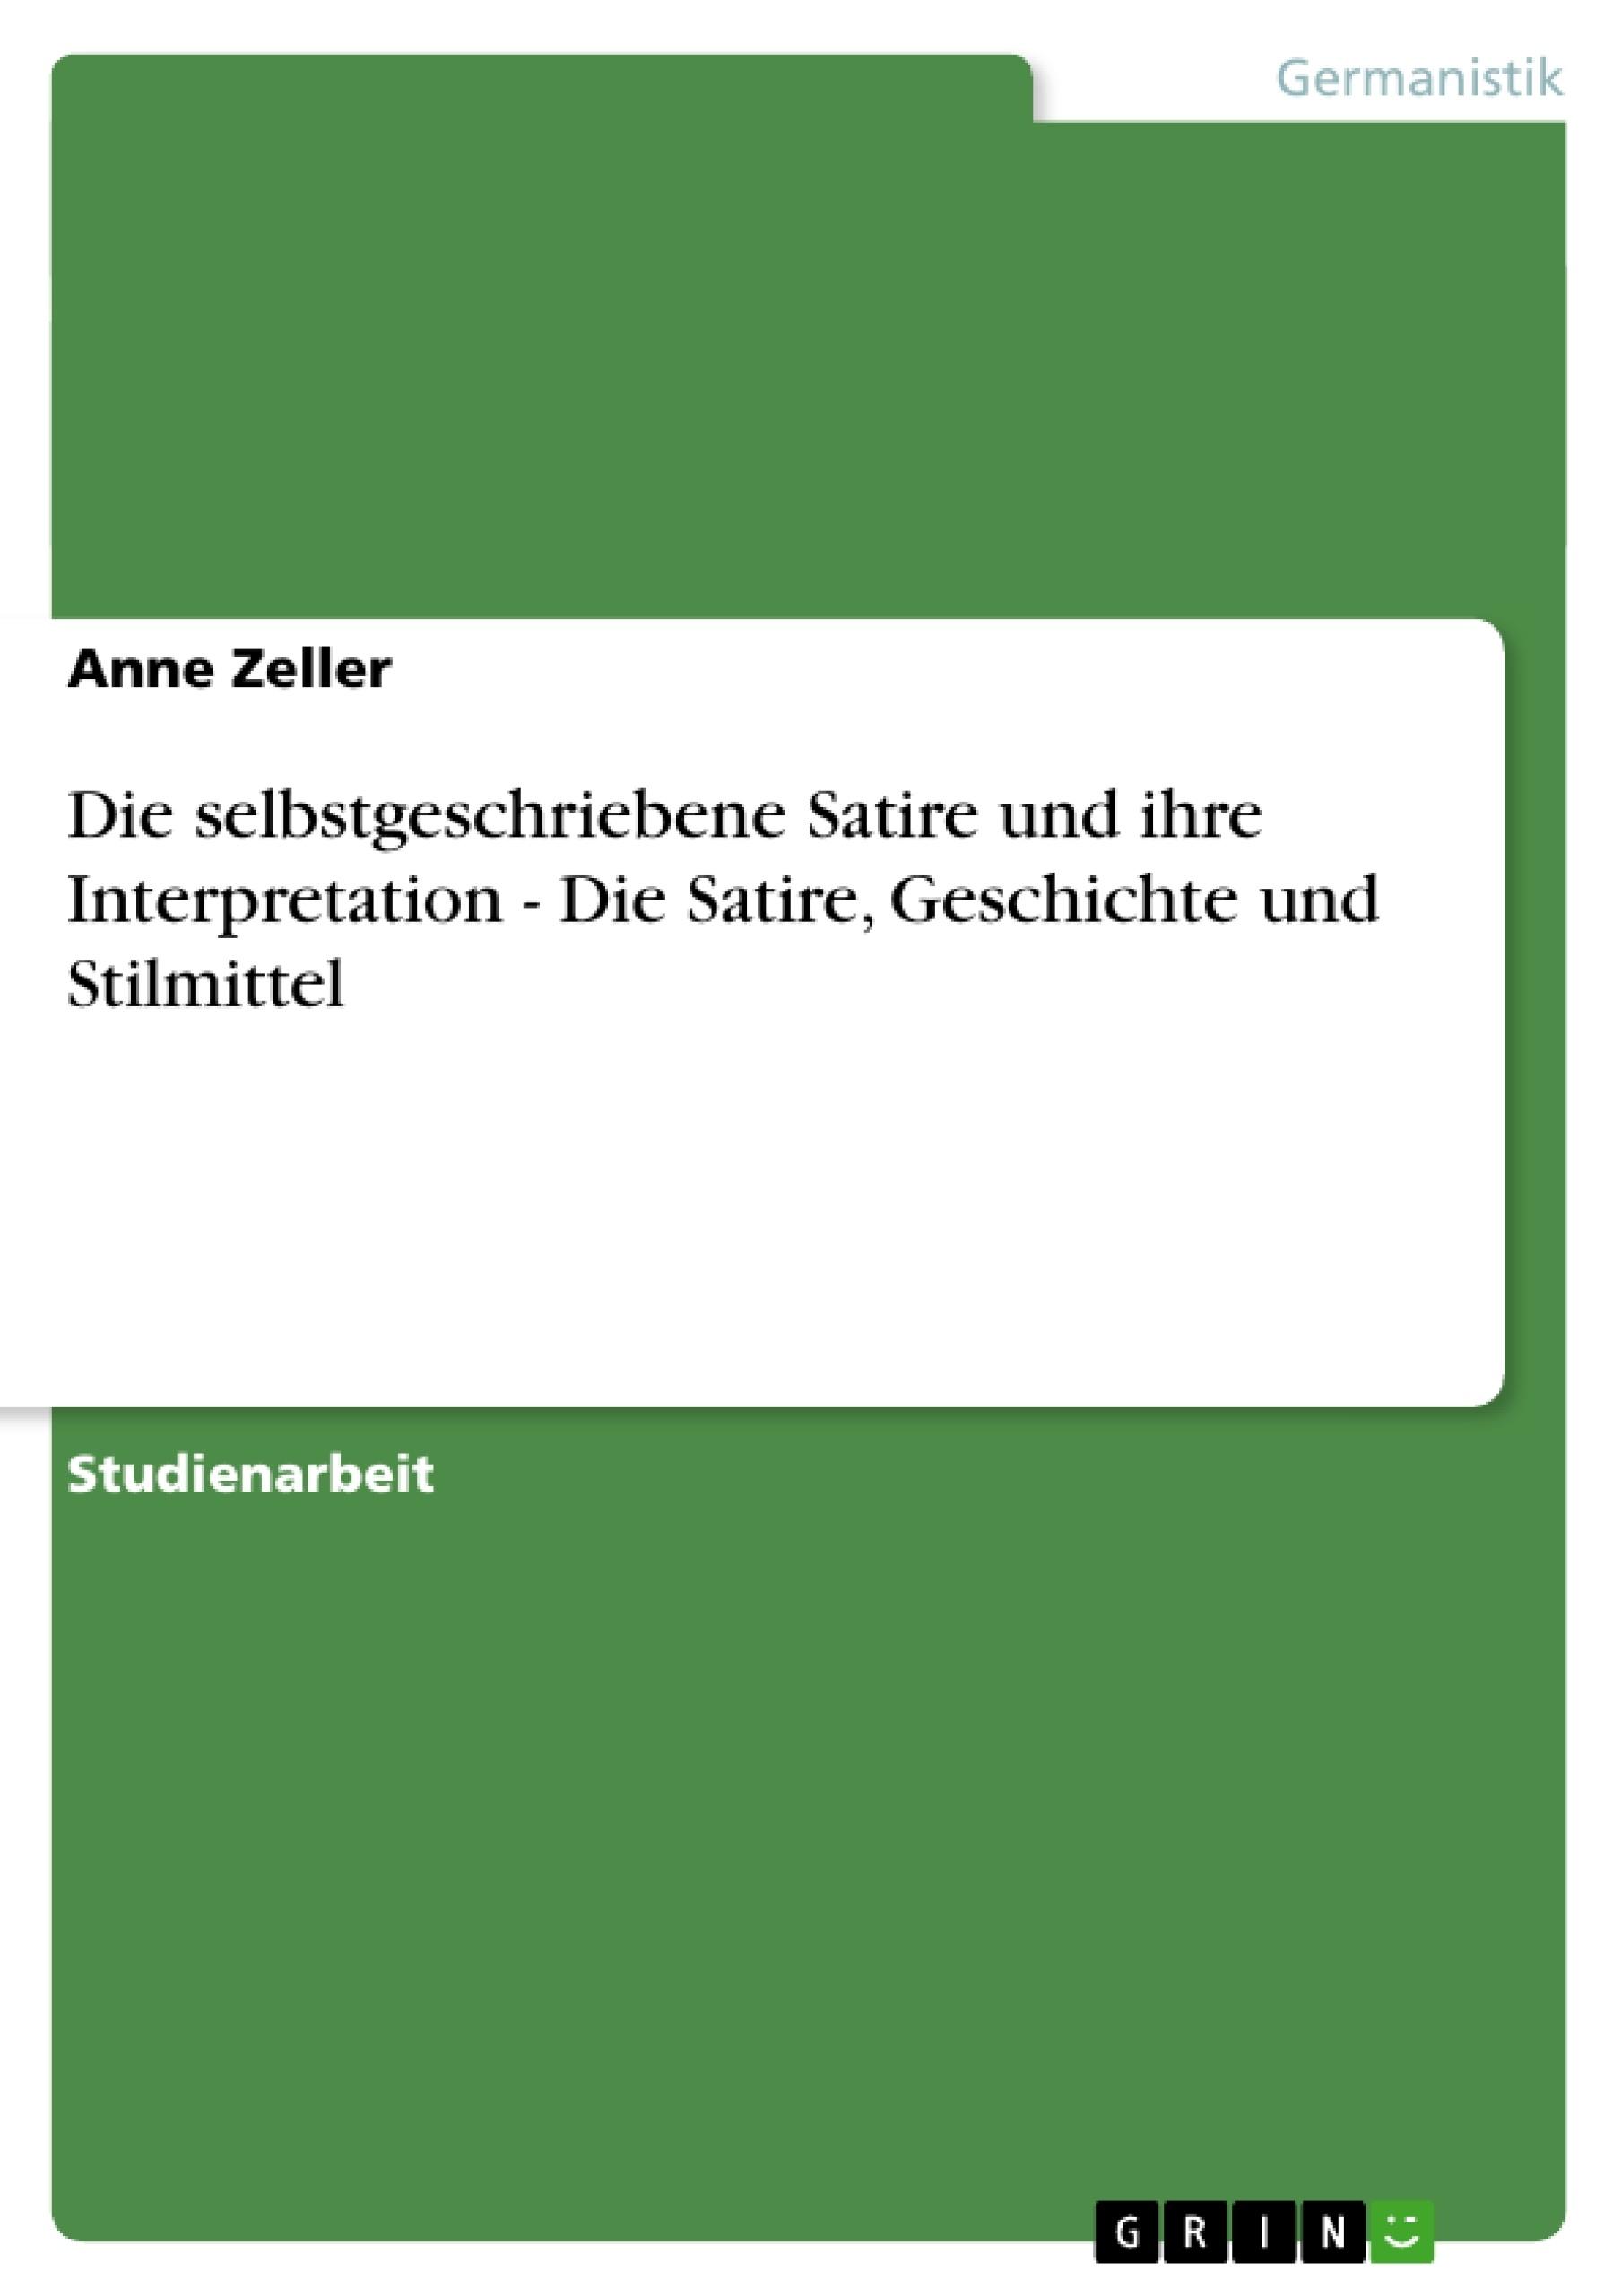 Titel: Die selbstgeschriebene Satire und ihre Interpretation - Die Satire, Geschichte und Stilmittel